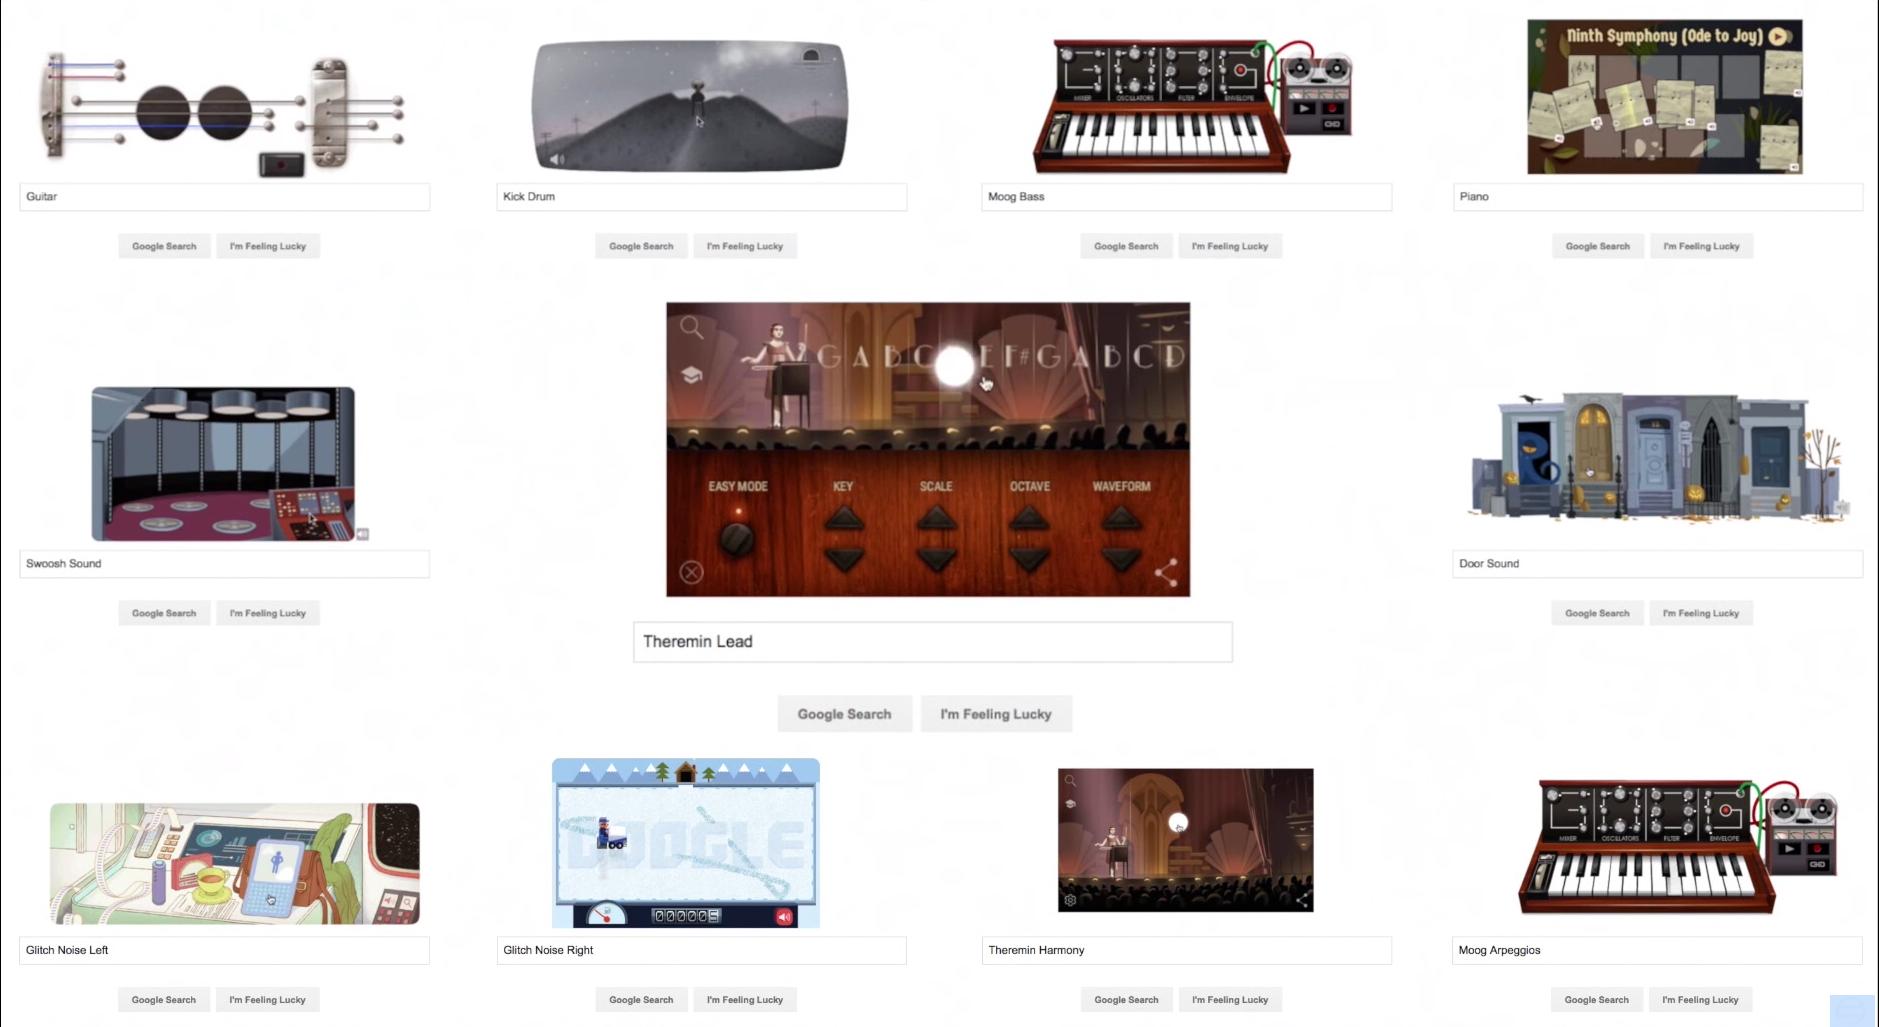 Elf Google Doodles kamen für das Cover zum Einsatz.